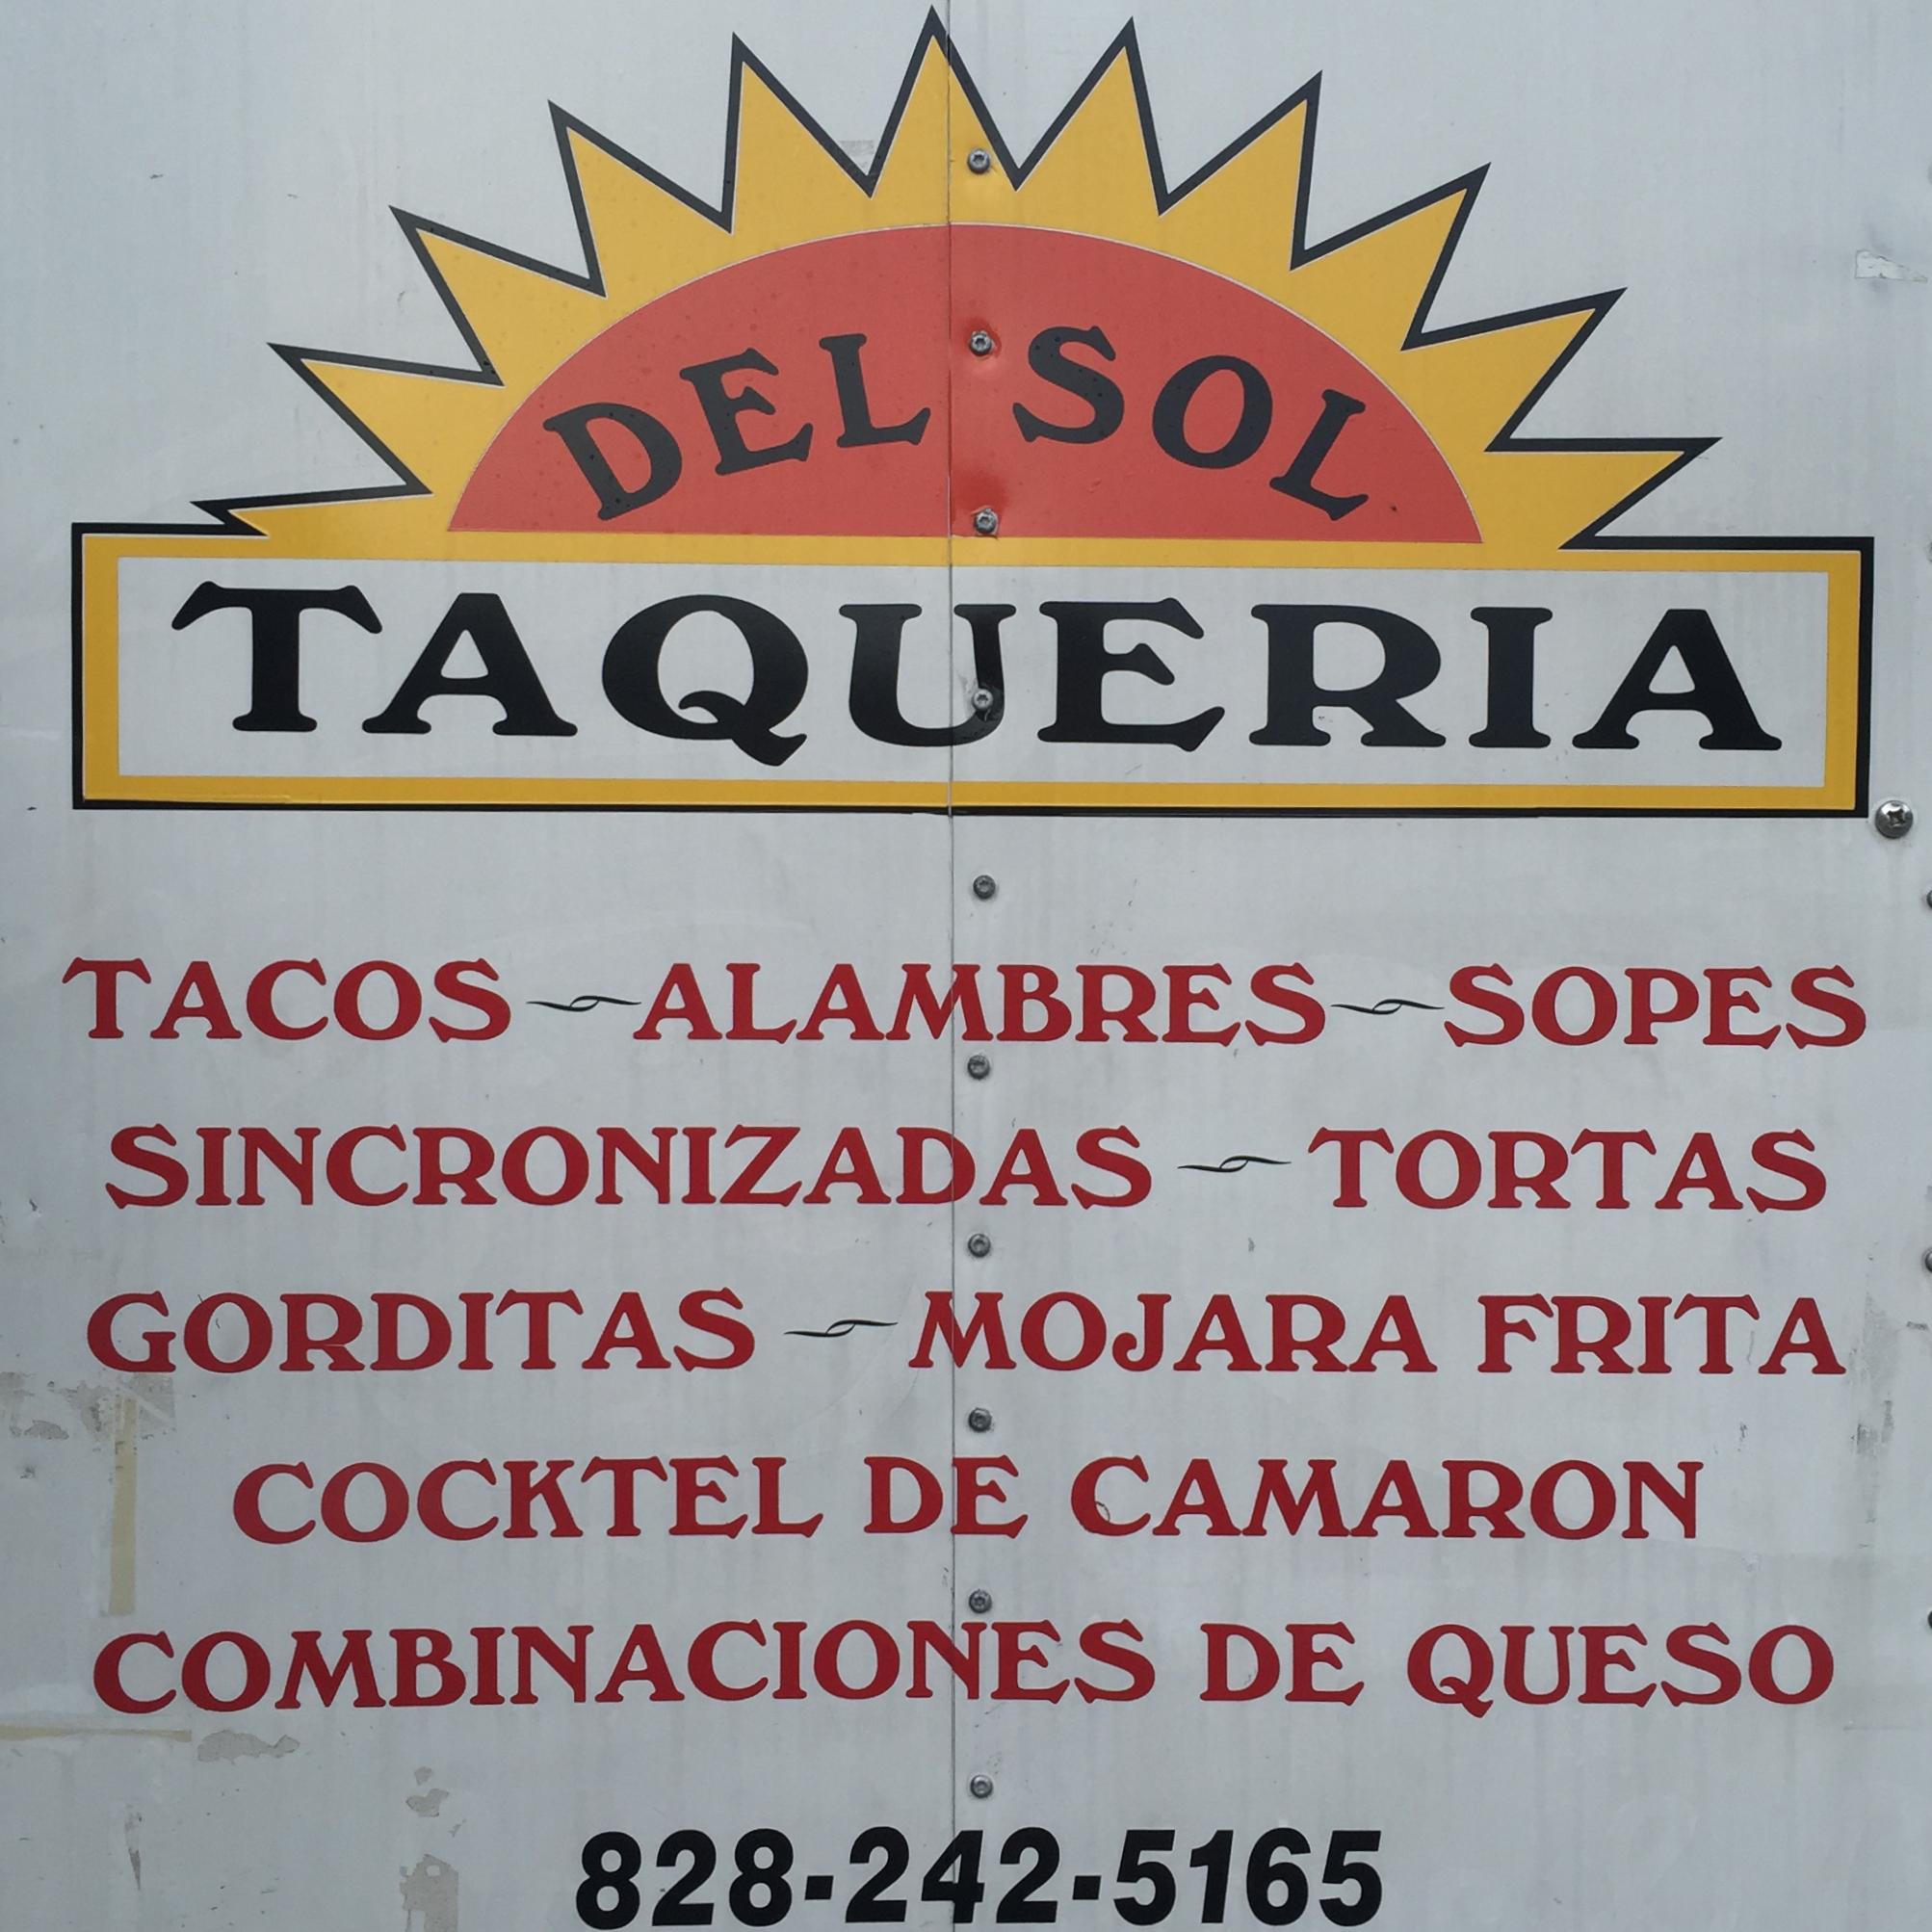 Del Sol Taqueria